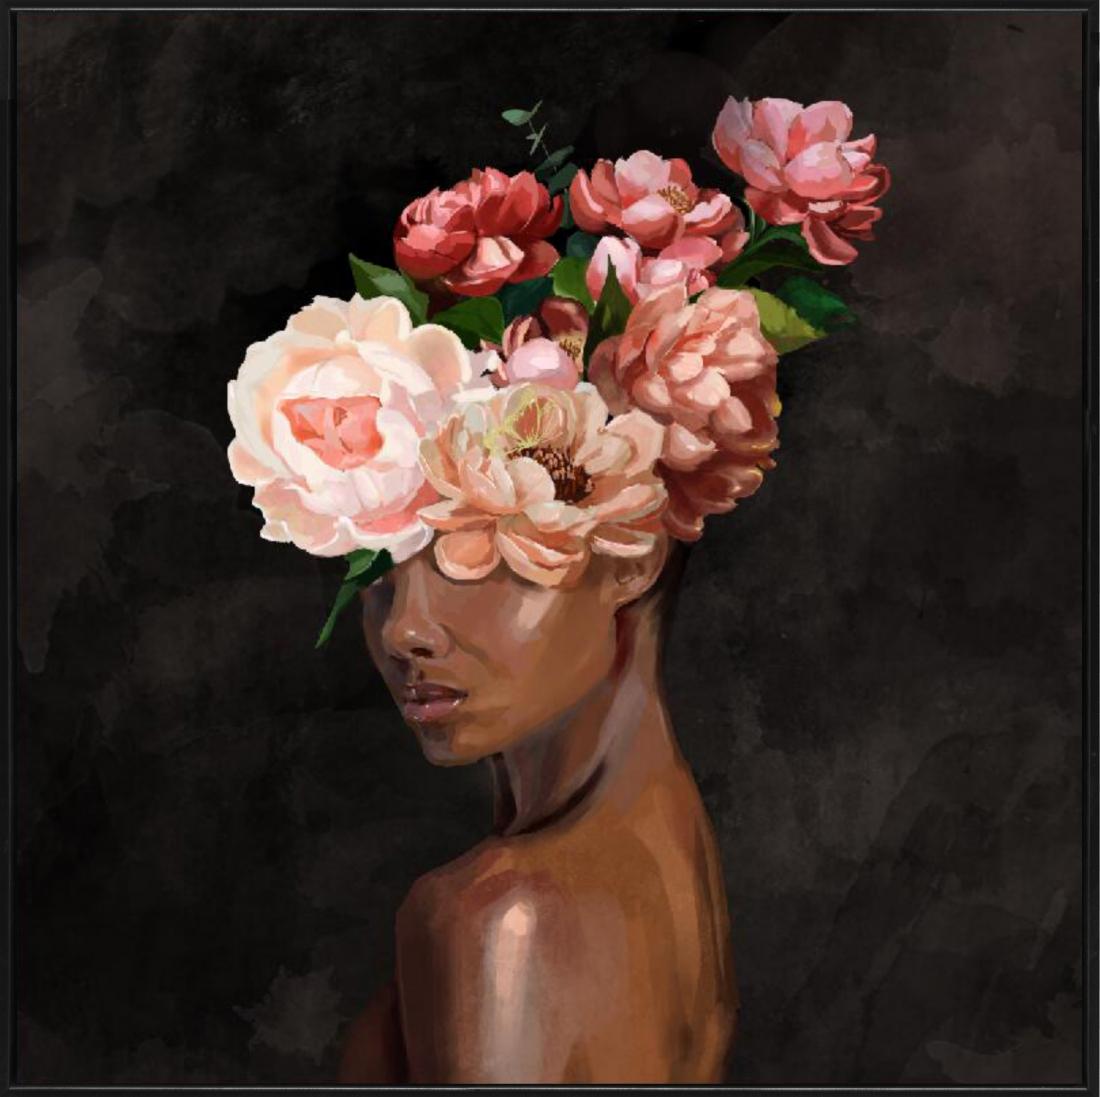 Schilderij vrouw met bloemen 82x82